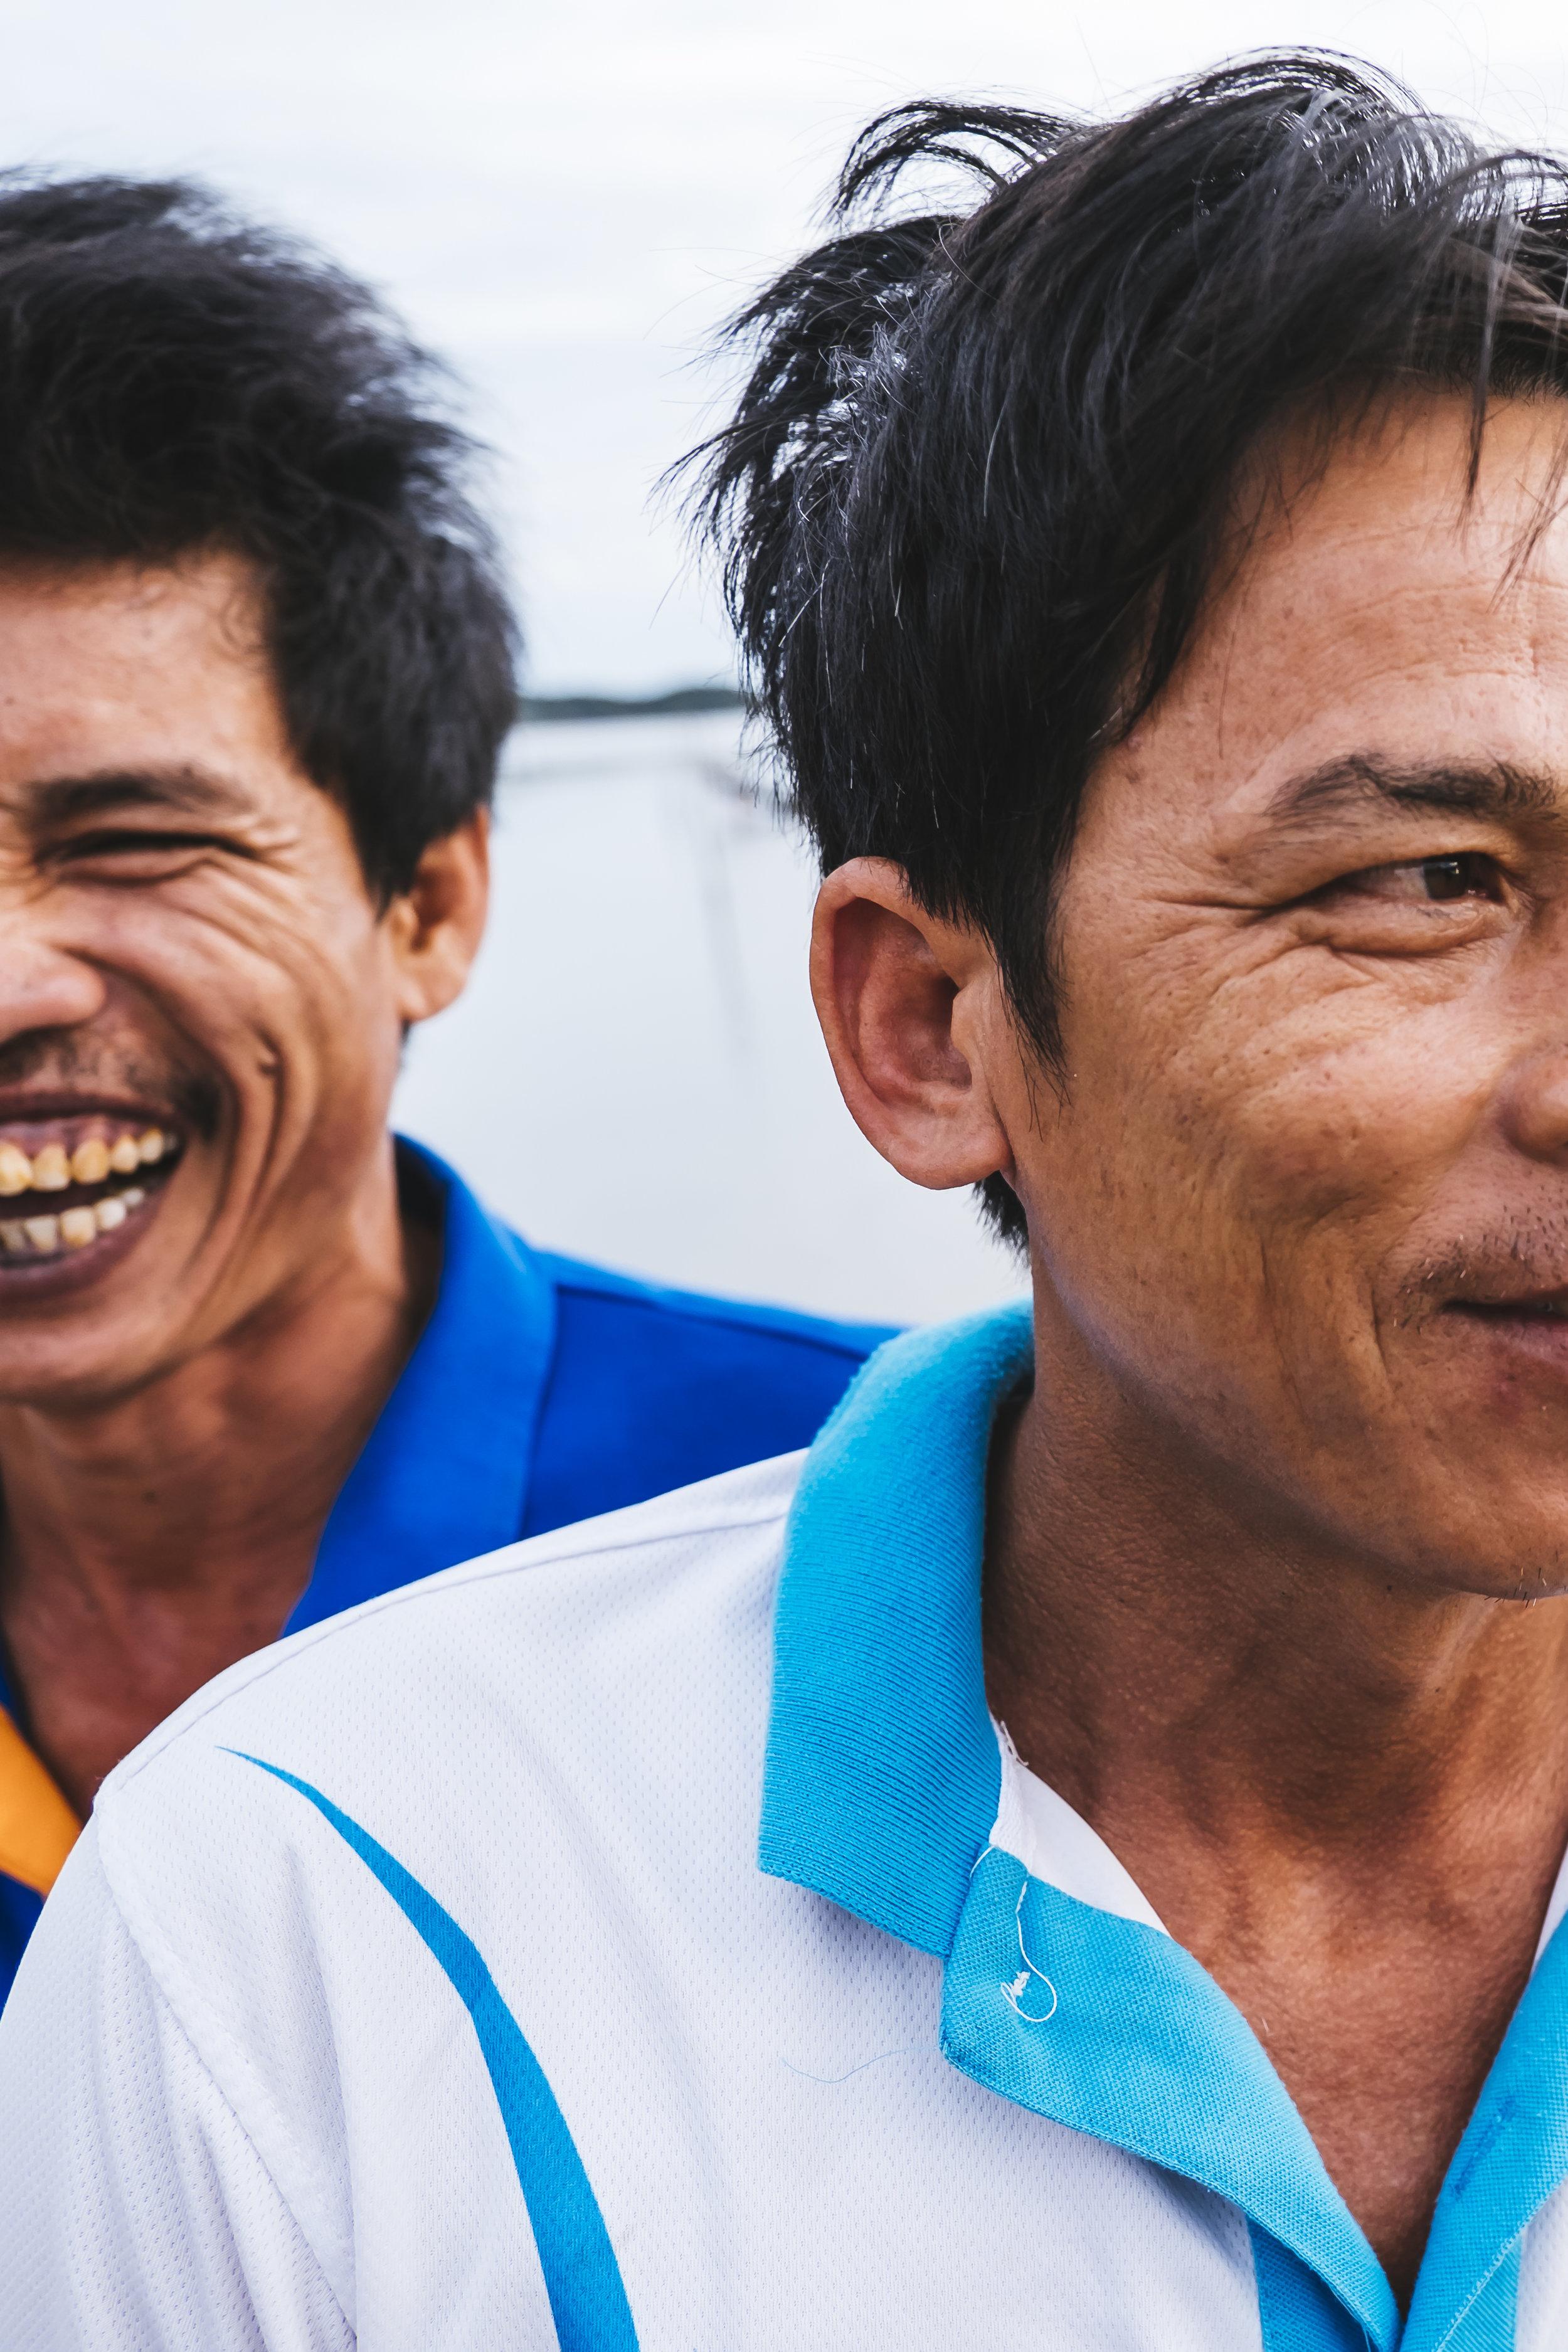 Vietnam dudes laughing